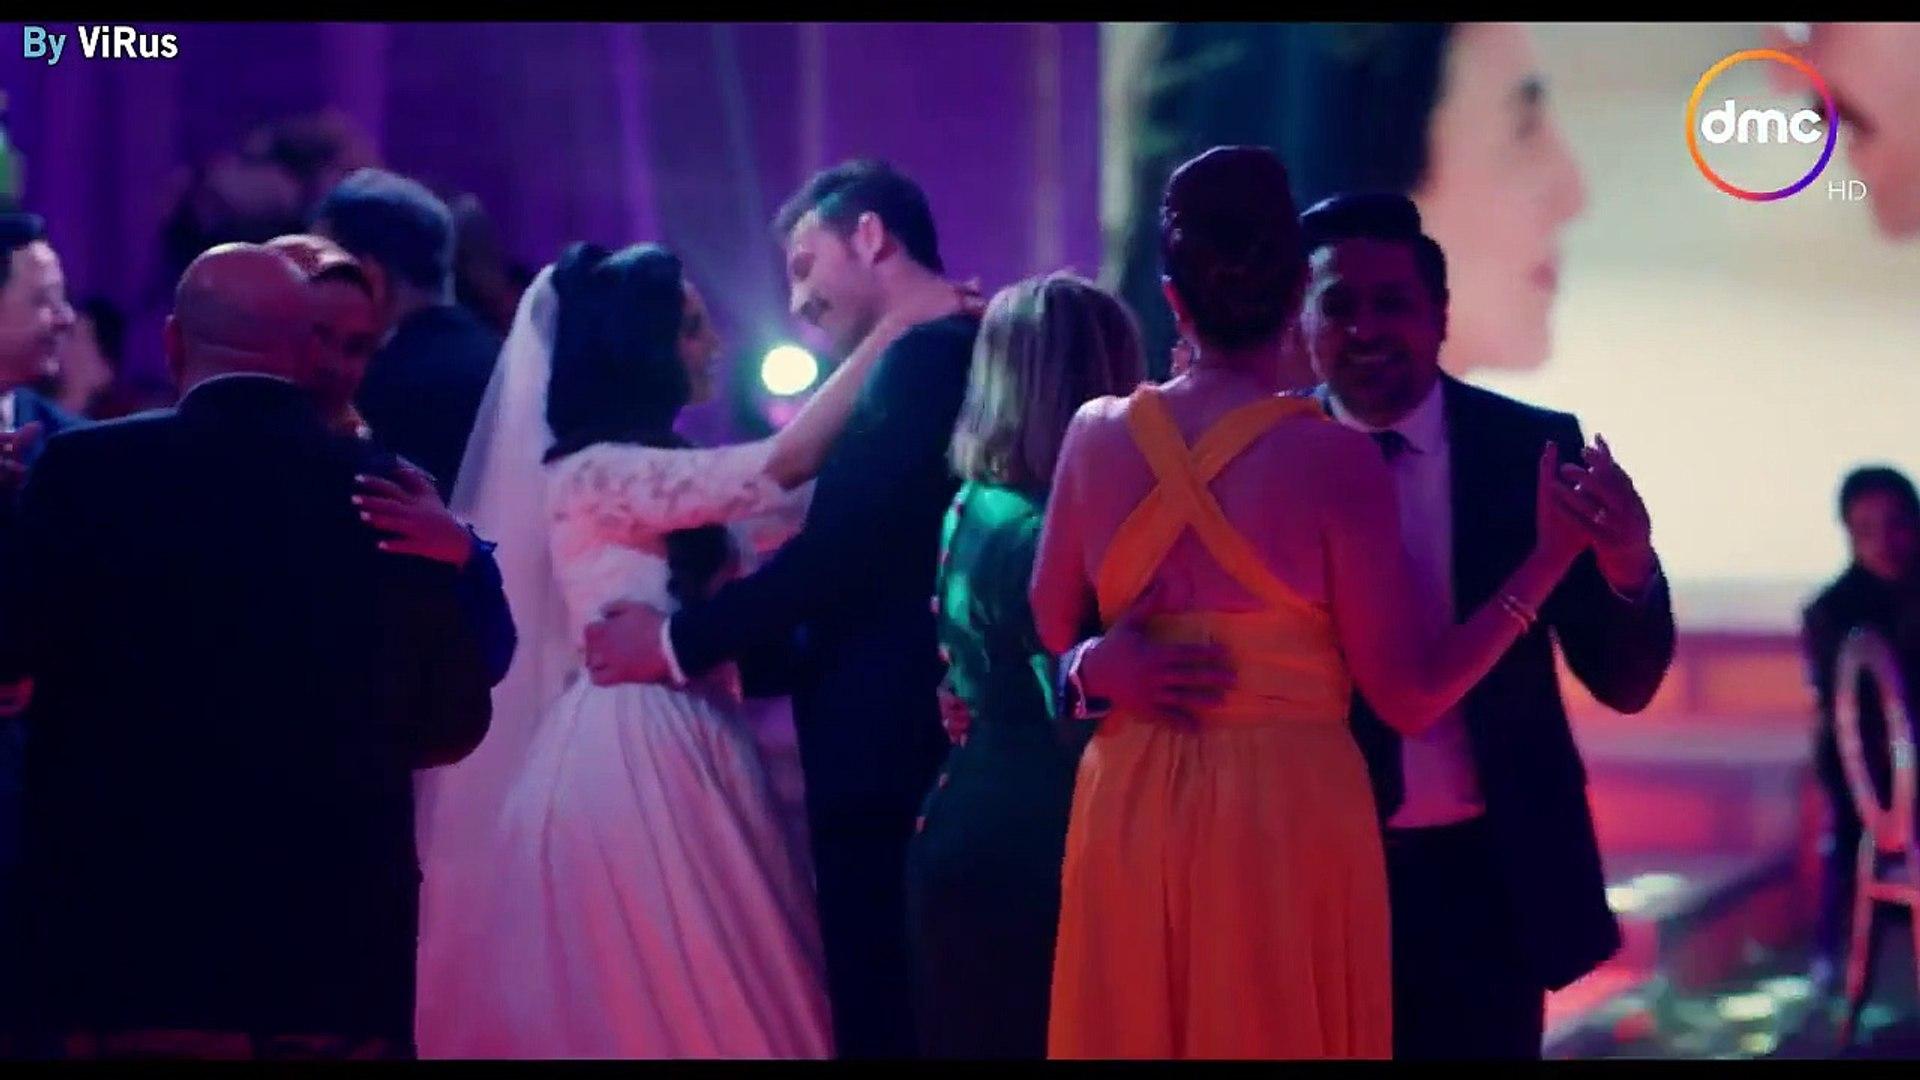 مسلسل ابو العروسة الجزء الثانى الحلقة 1 الاولى فيديو Dailymotion